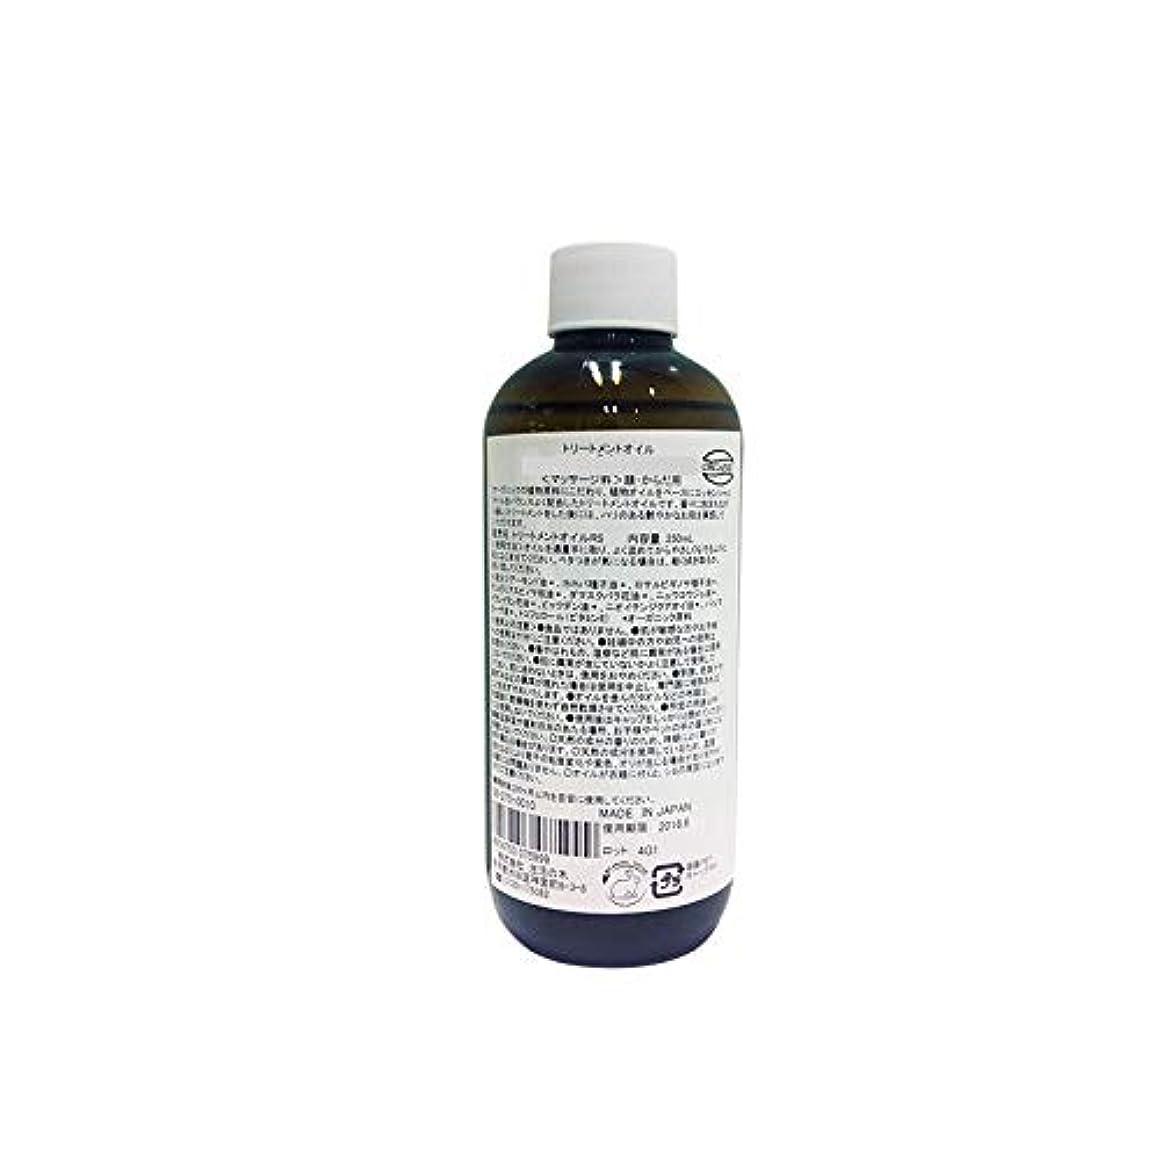 確保する起業家香水生活の木 トリートメントオイル ジンジャーショルダー 250ml (08-275-0150)